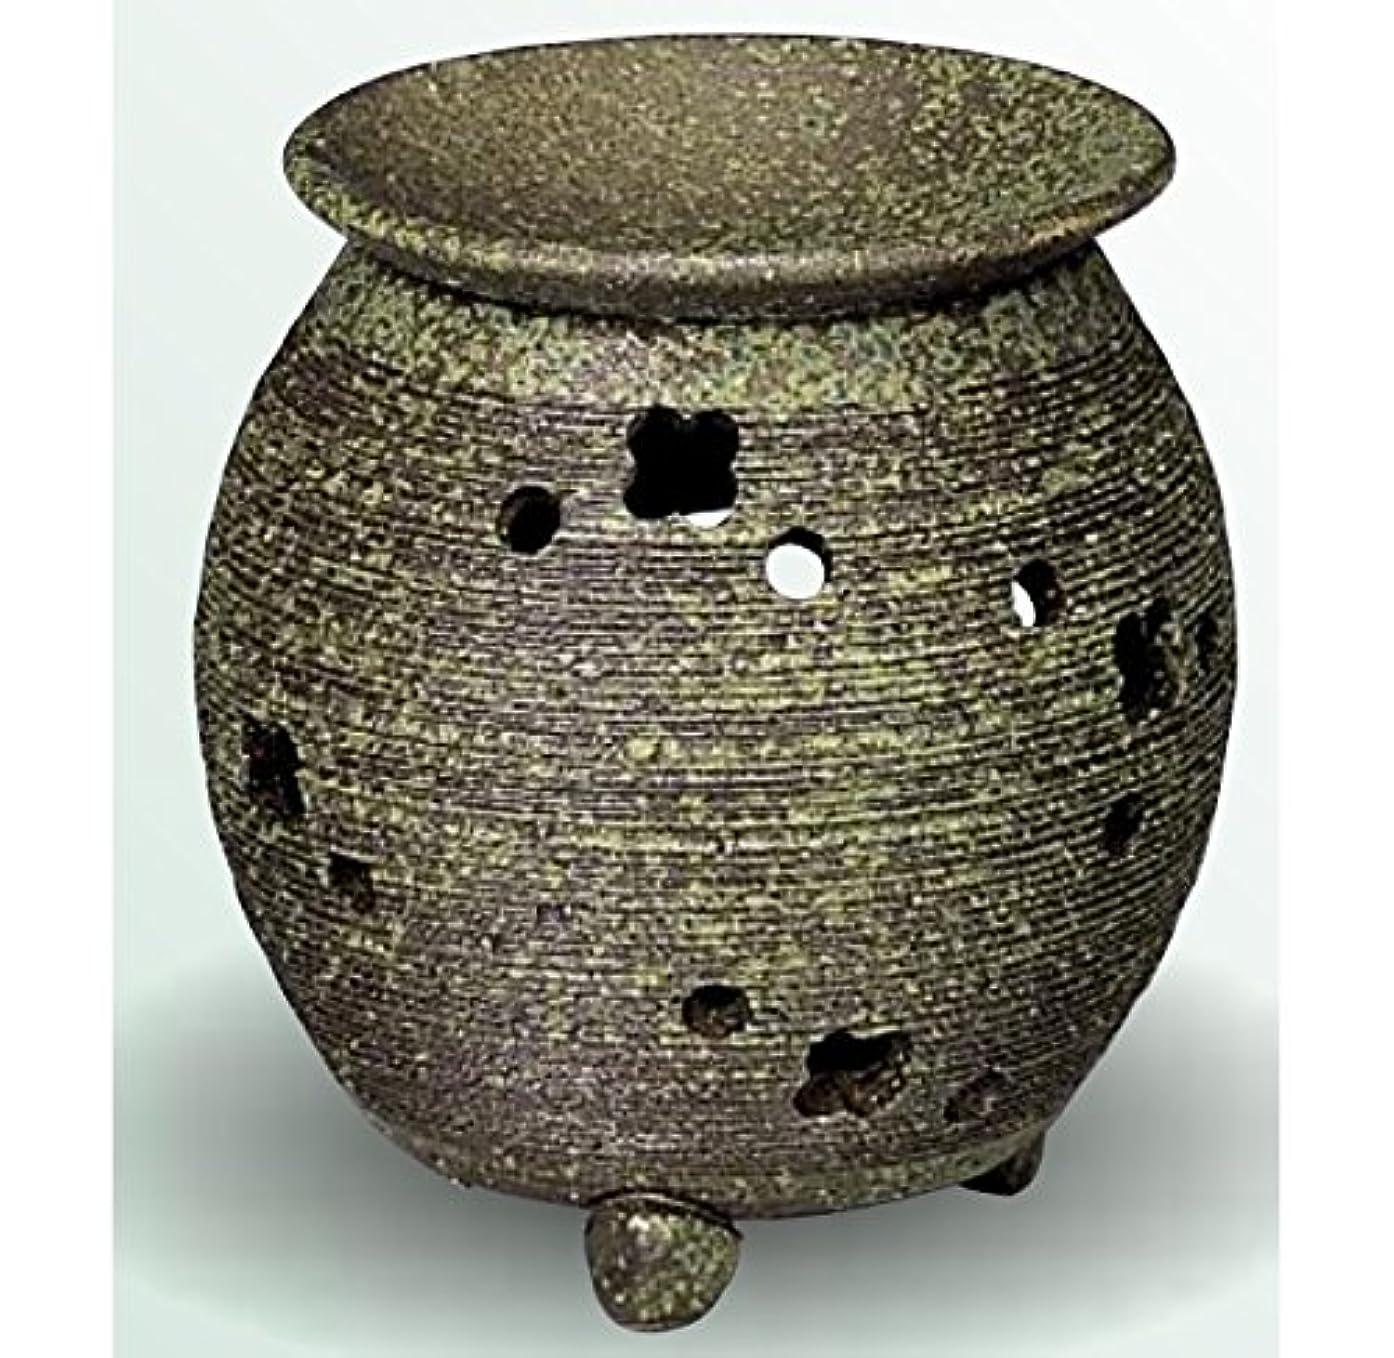 ナインへ静かにコーナー常滑焼 茶香炉(アロマポット) 径10×高さ11.5cm